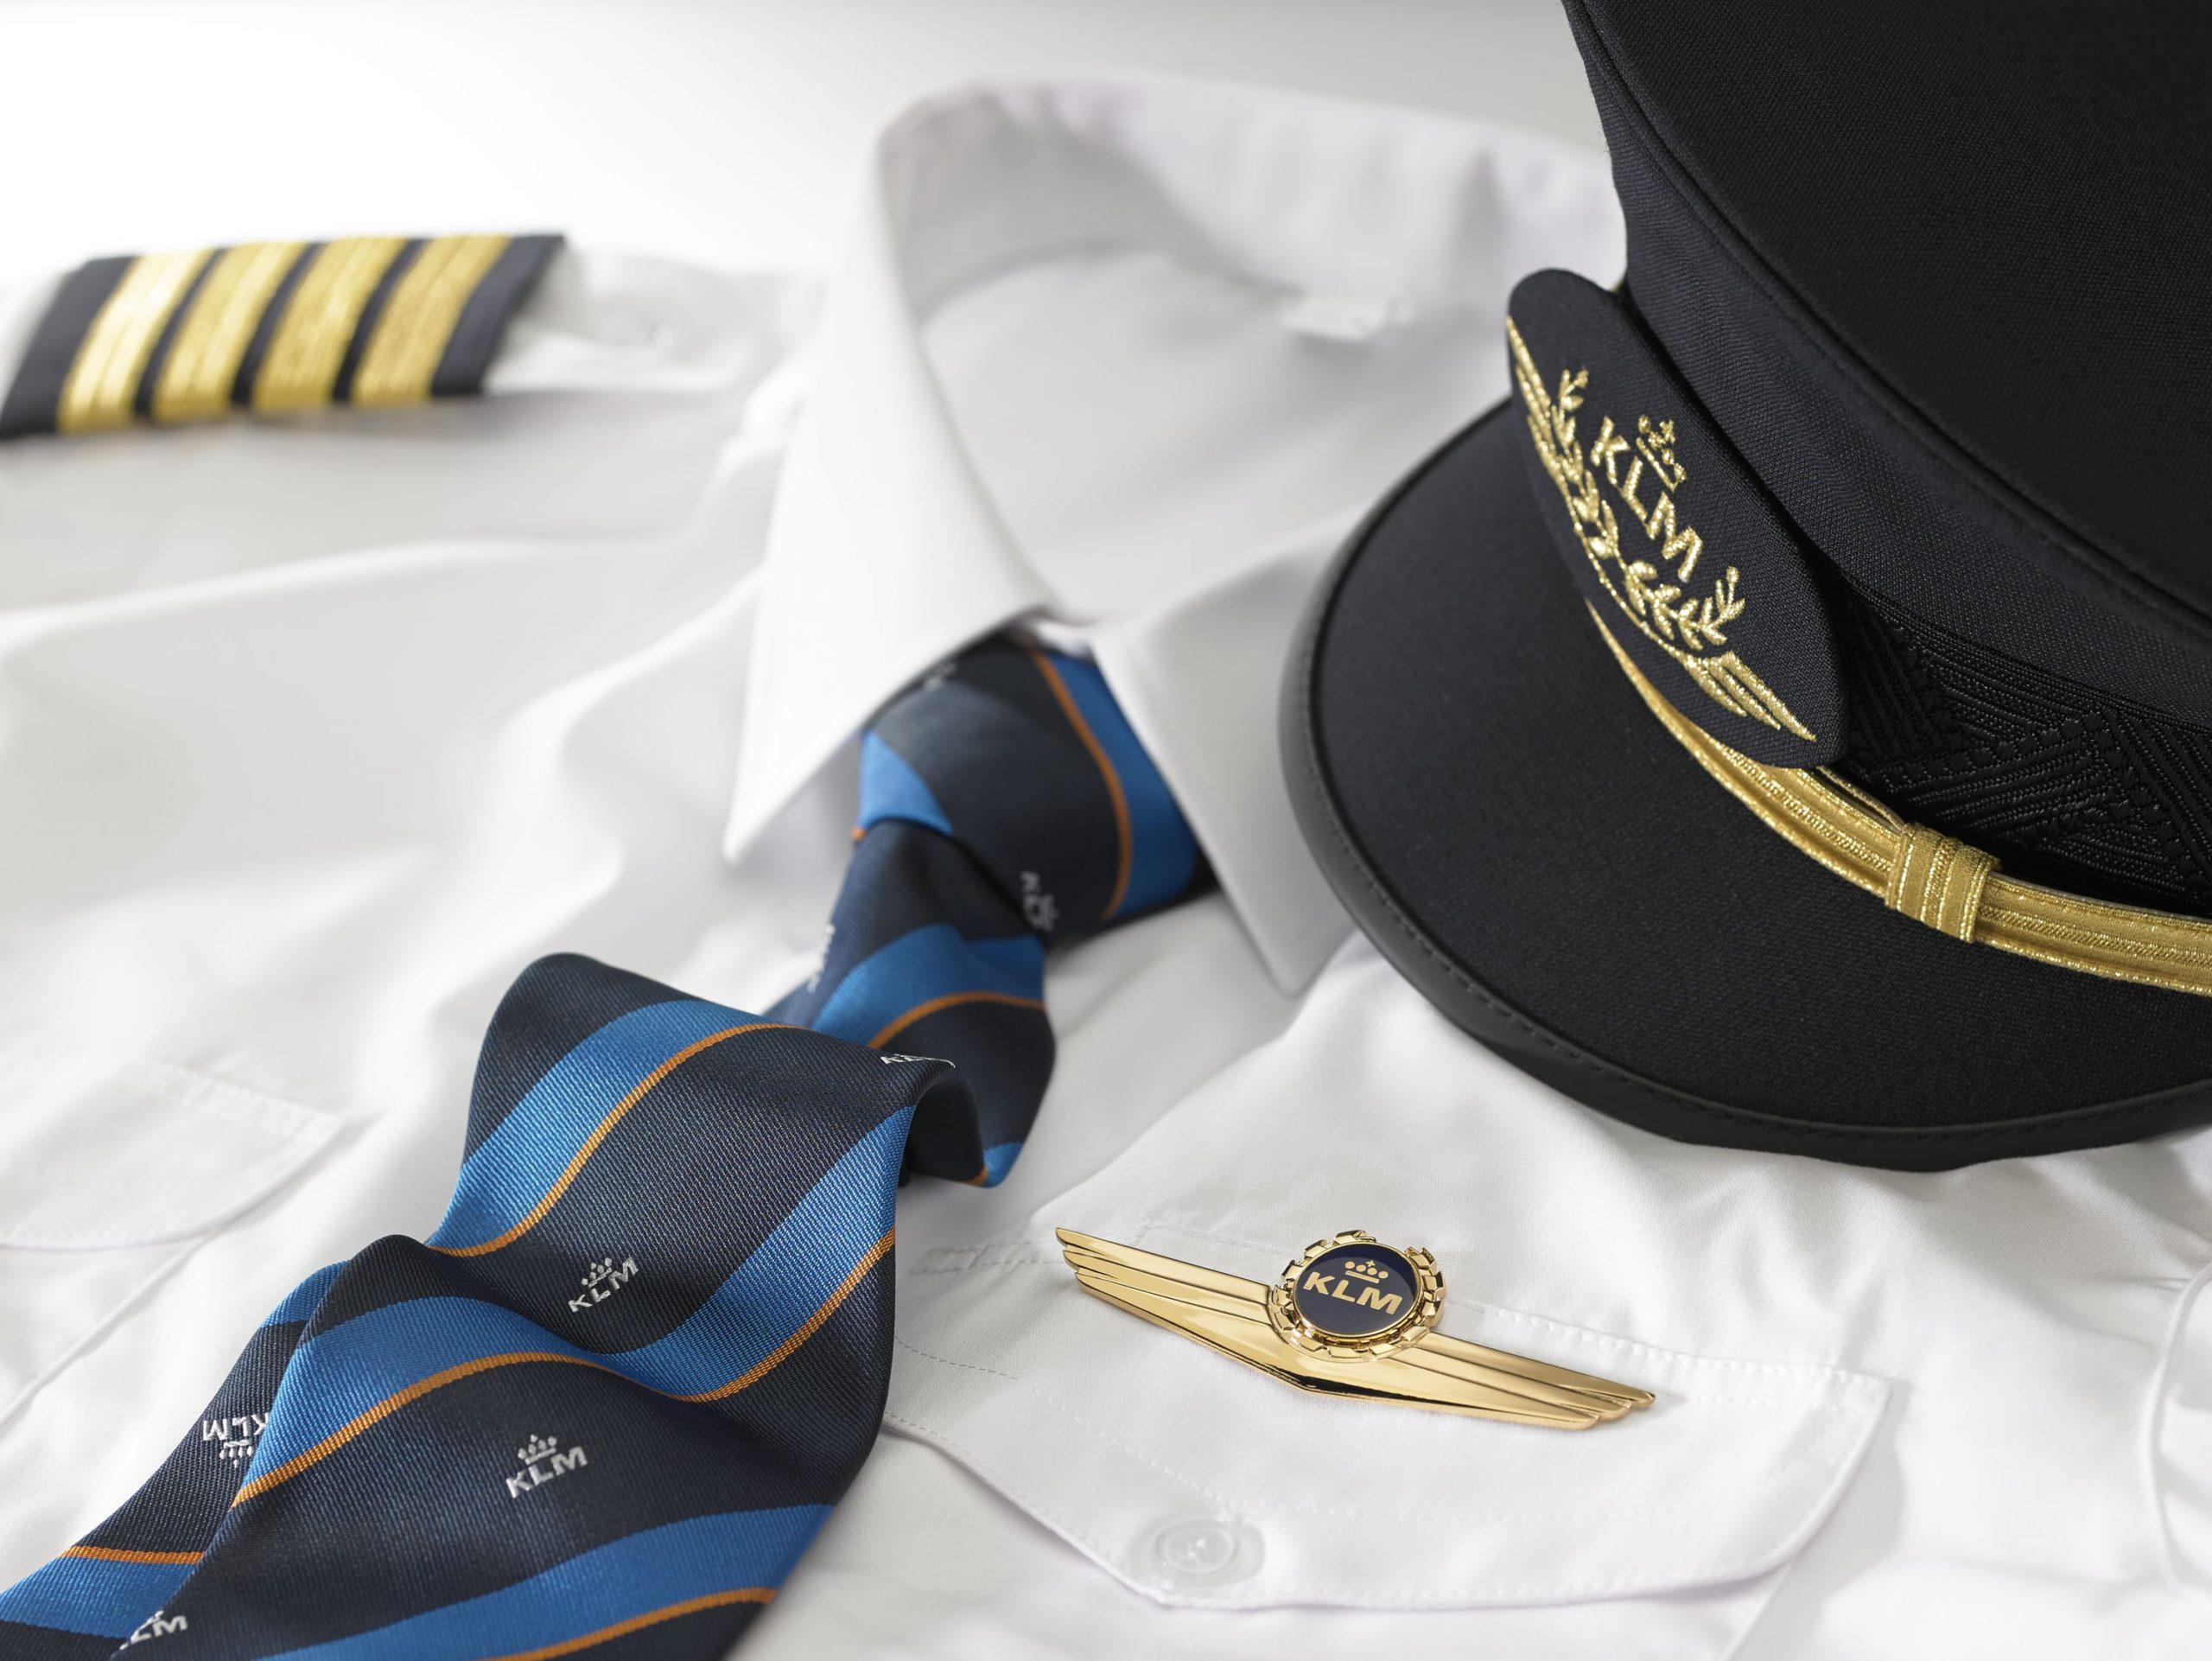 Kaptajnsuniform fra KLM. (Foto: KLM | PR)